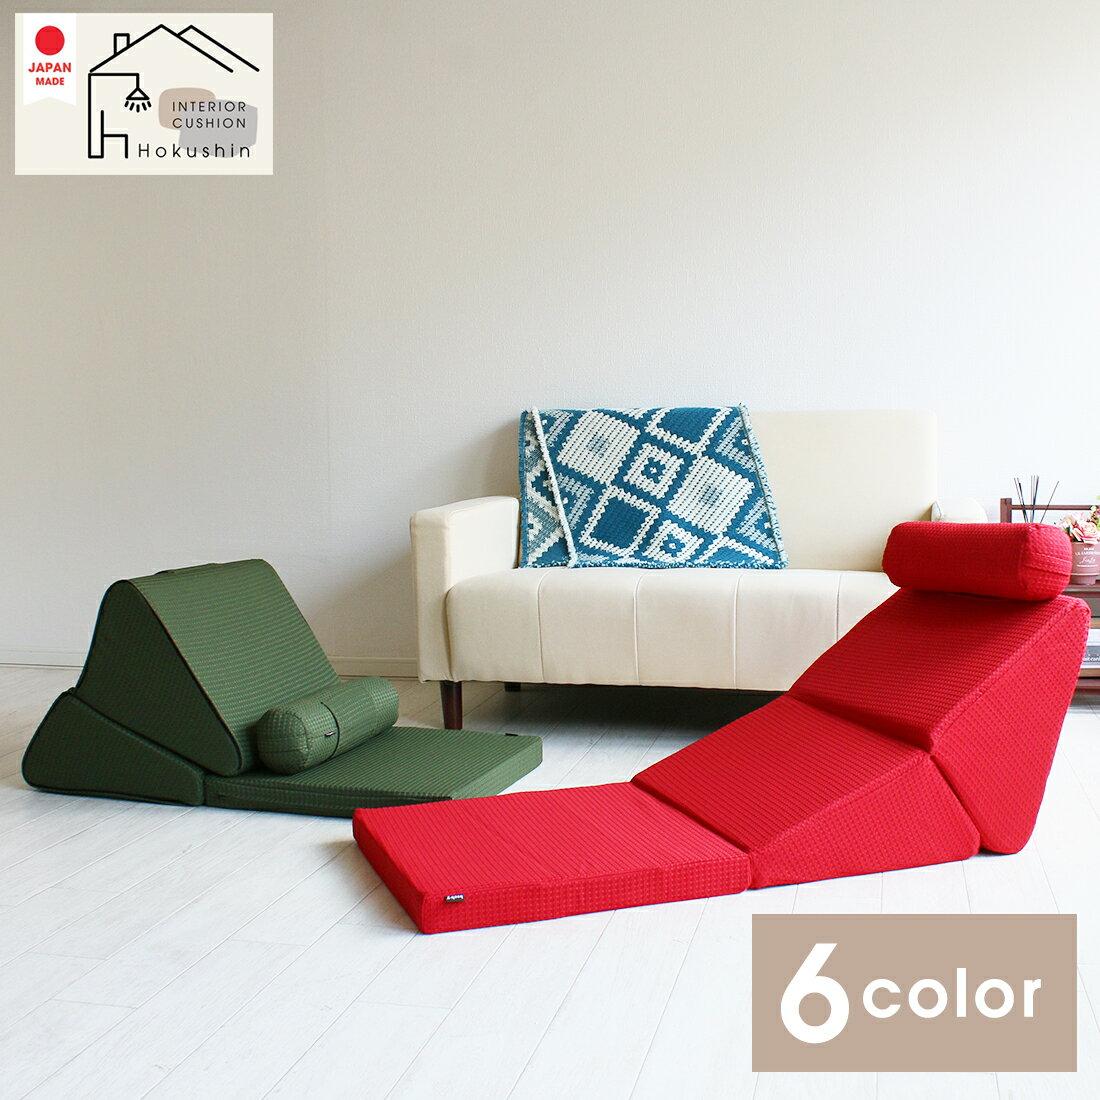 テレビ枕 三つ折り パイプ枕付き 日本製 高品質ウレタン使用で長持ち 送料無料 多機能 スマホ枕 佐川またはヤマト便 ギフト 父の日